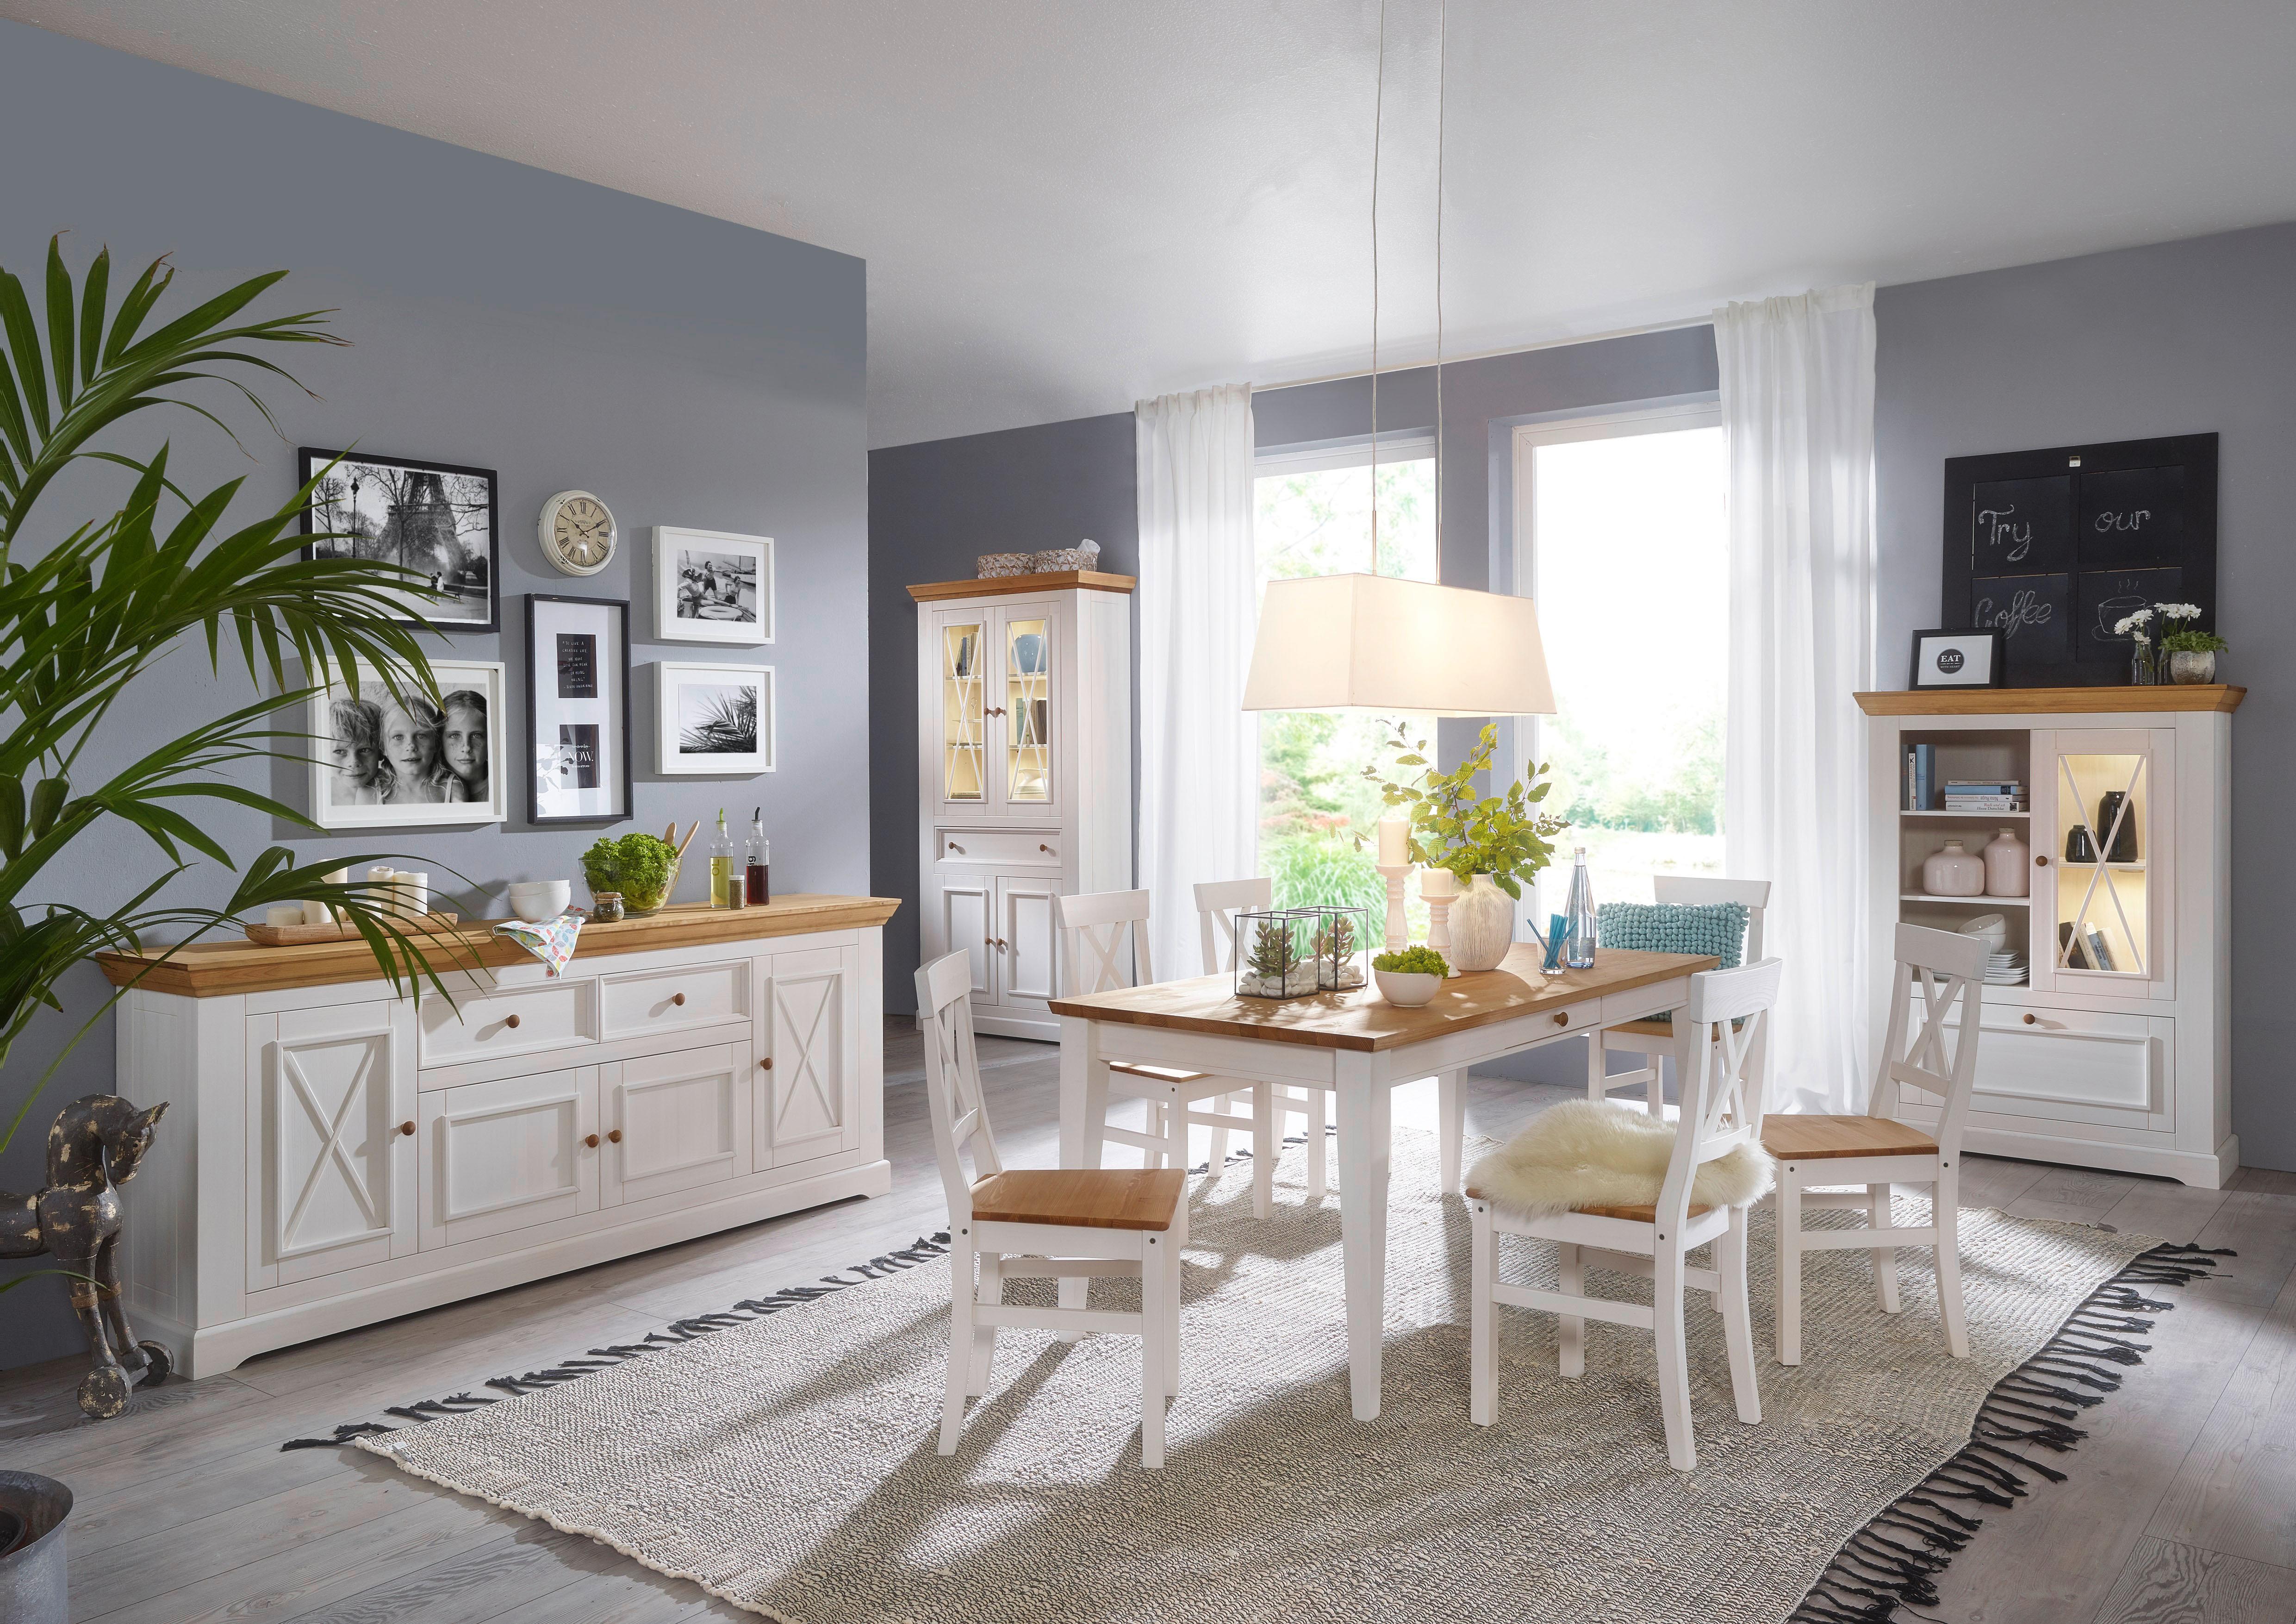 pressemitteilung allnatura der trend nat rlich wohnen. Black Bedroom Furniture Sets. Home Design Ideas